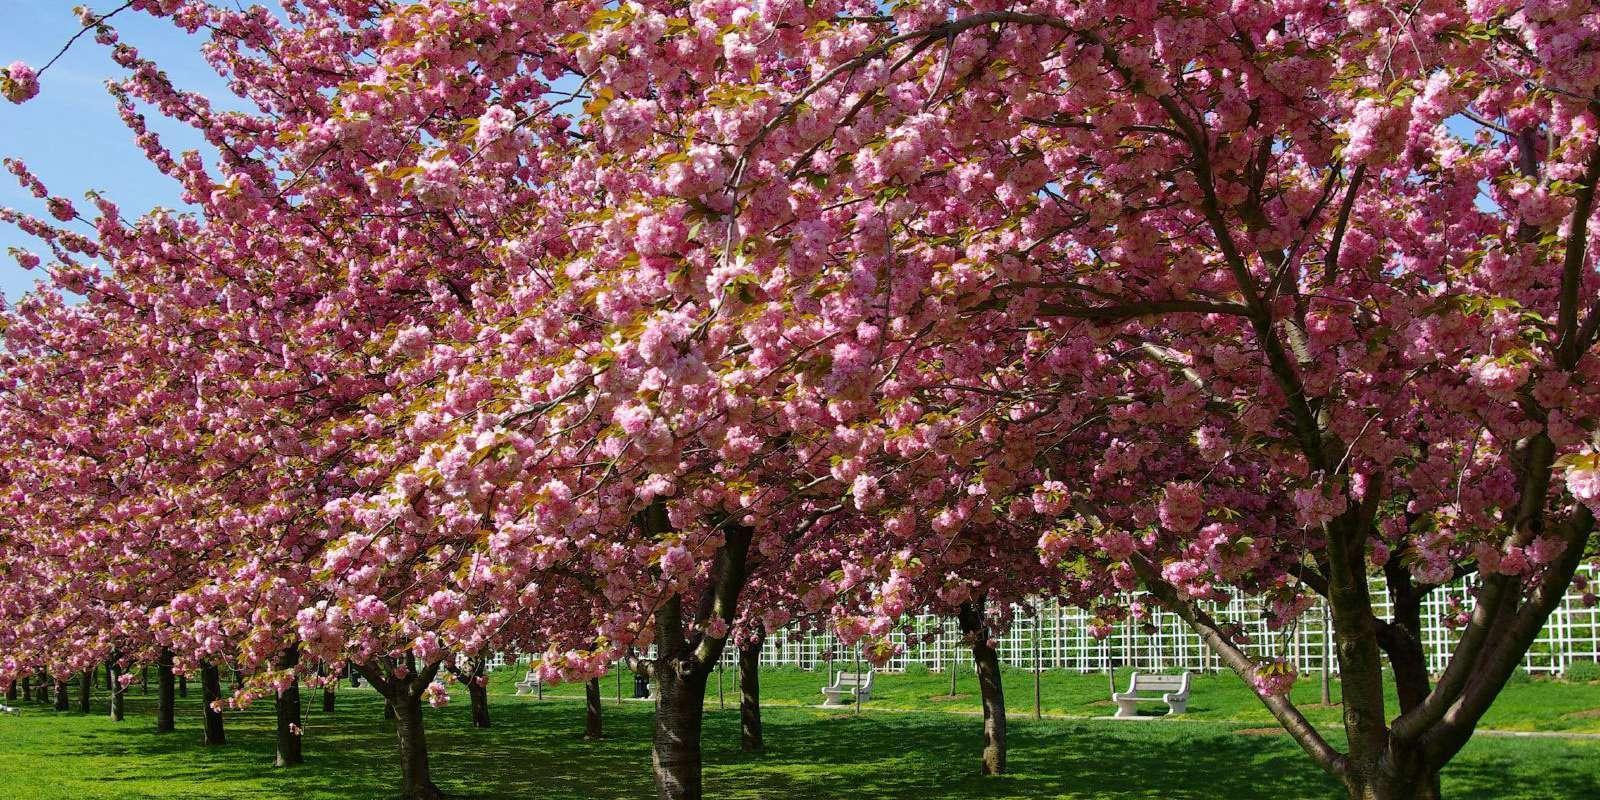 Arbol De Cerezo Japones cherry blossom, la floración del cerezo en nueva york